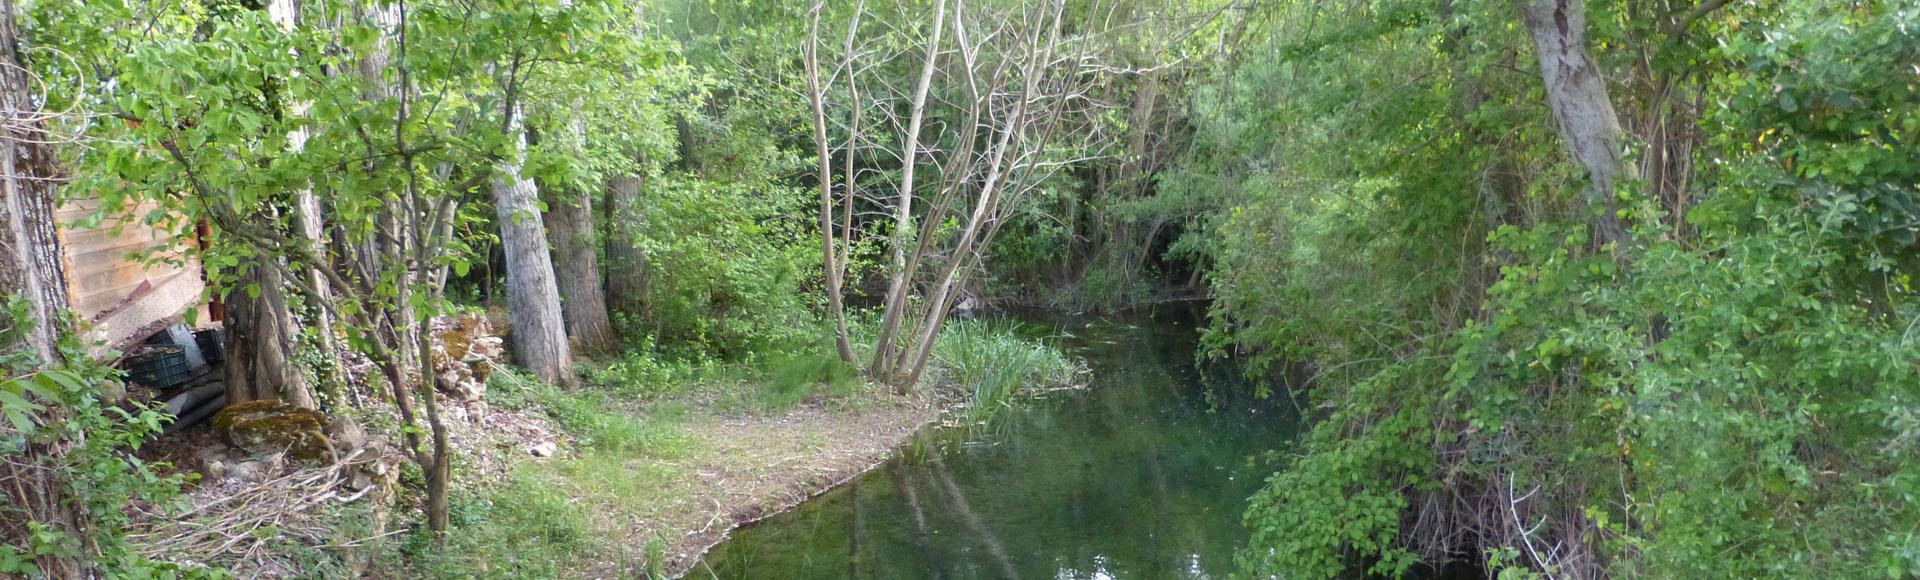 Hoz del rio Huécar